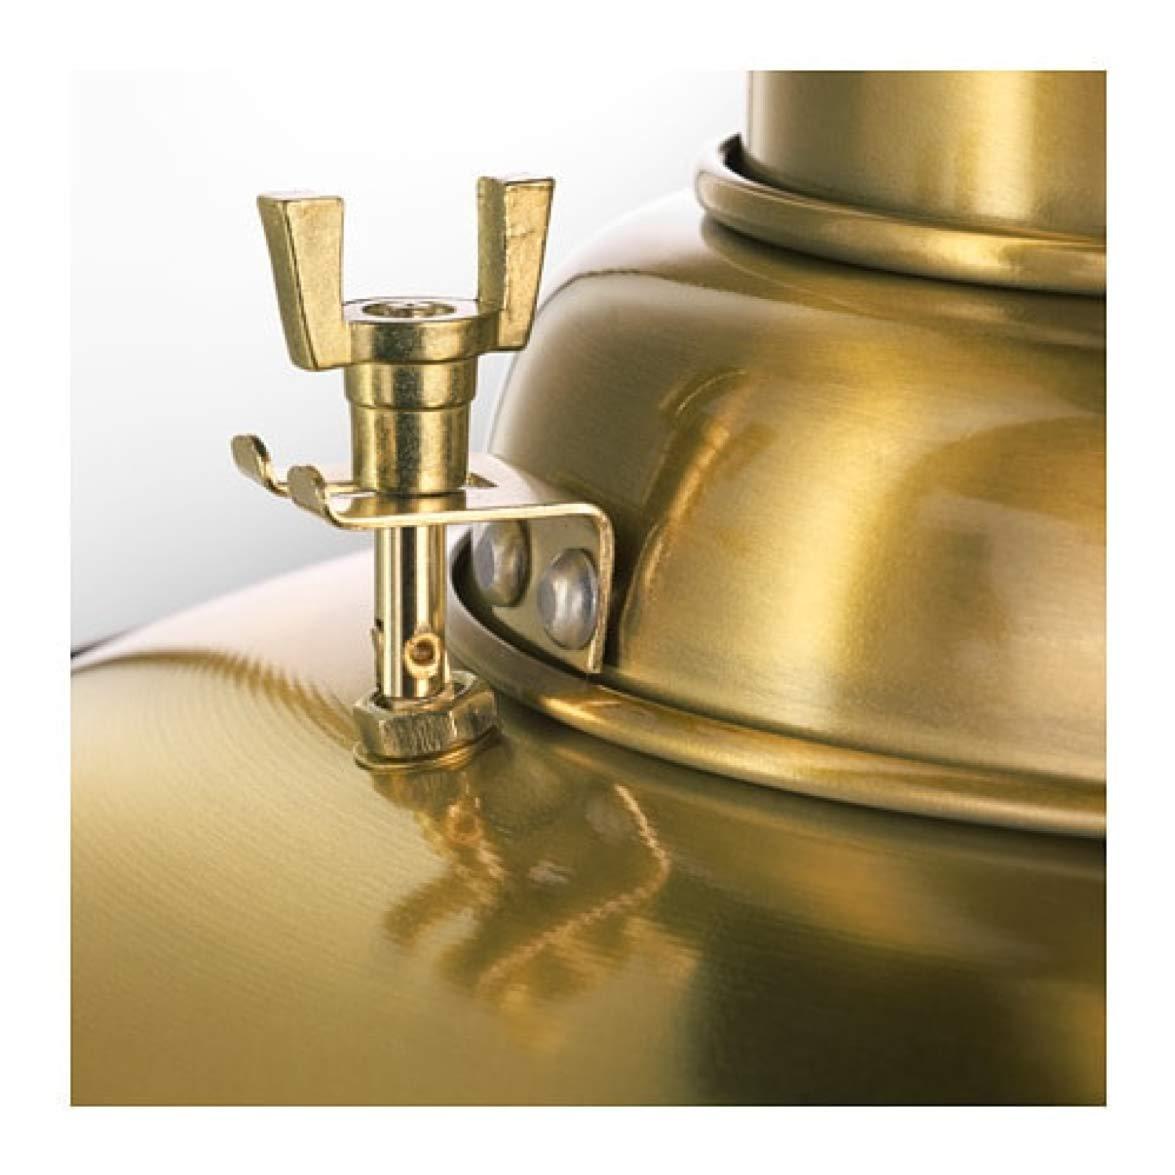 Amazon ikea ottava pendant lamp brass color 50394373 home amazon ikea ottava pendant lamp brass color 50394373 home kitchen aloadofball Images